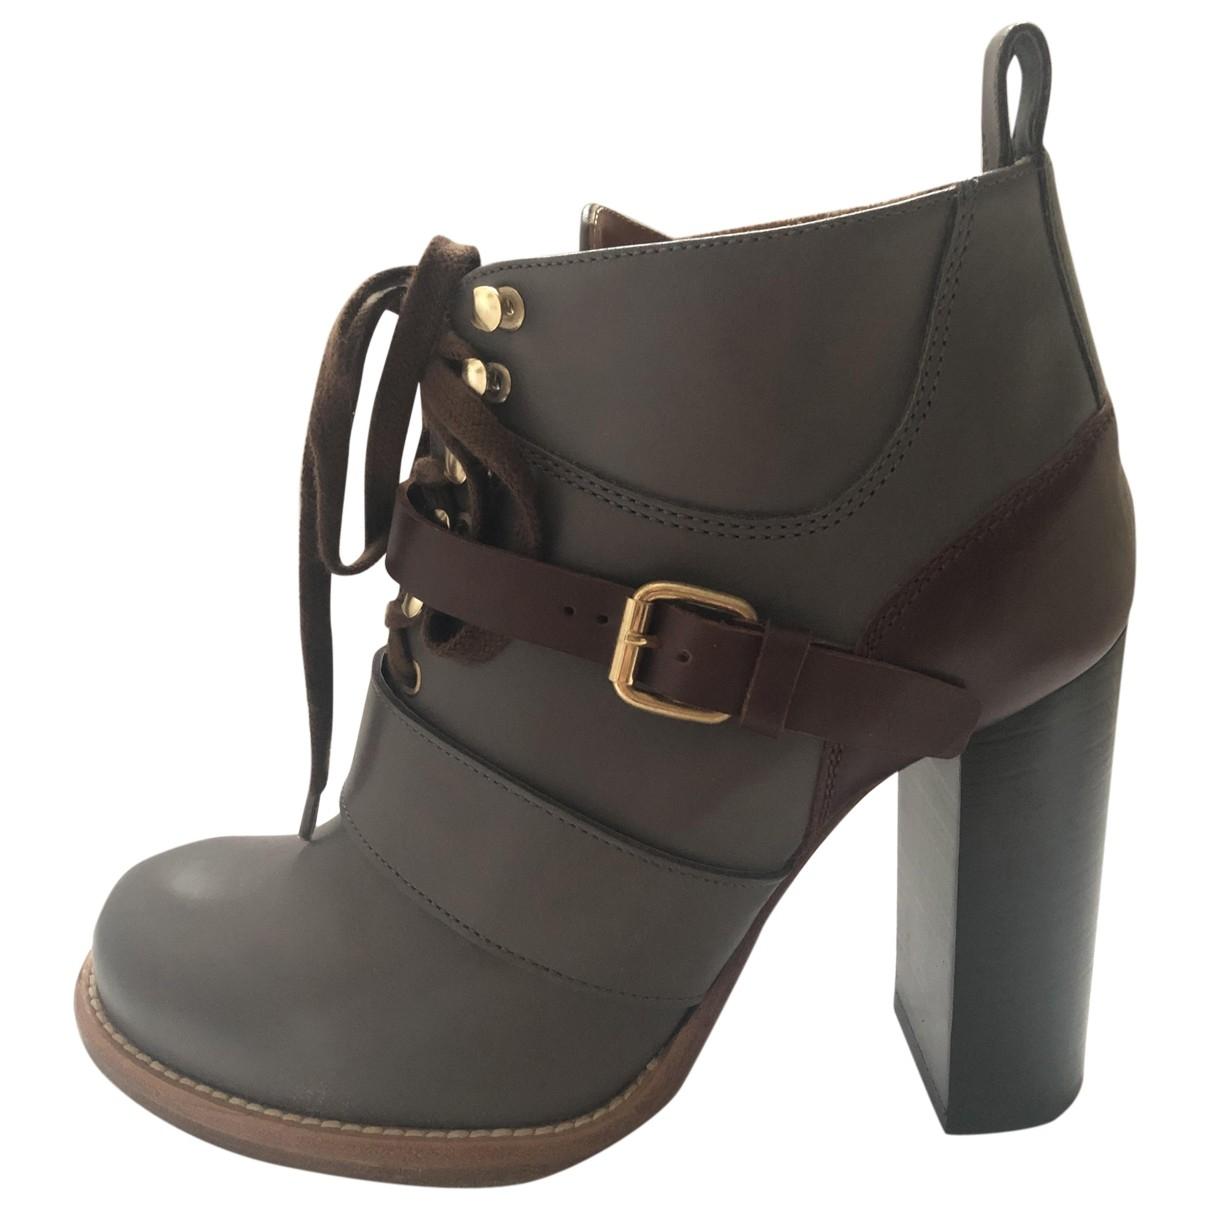 Chloe - Boots   pour femme en cuir - anthracite